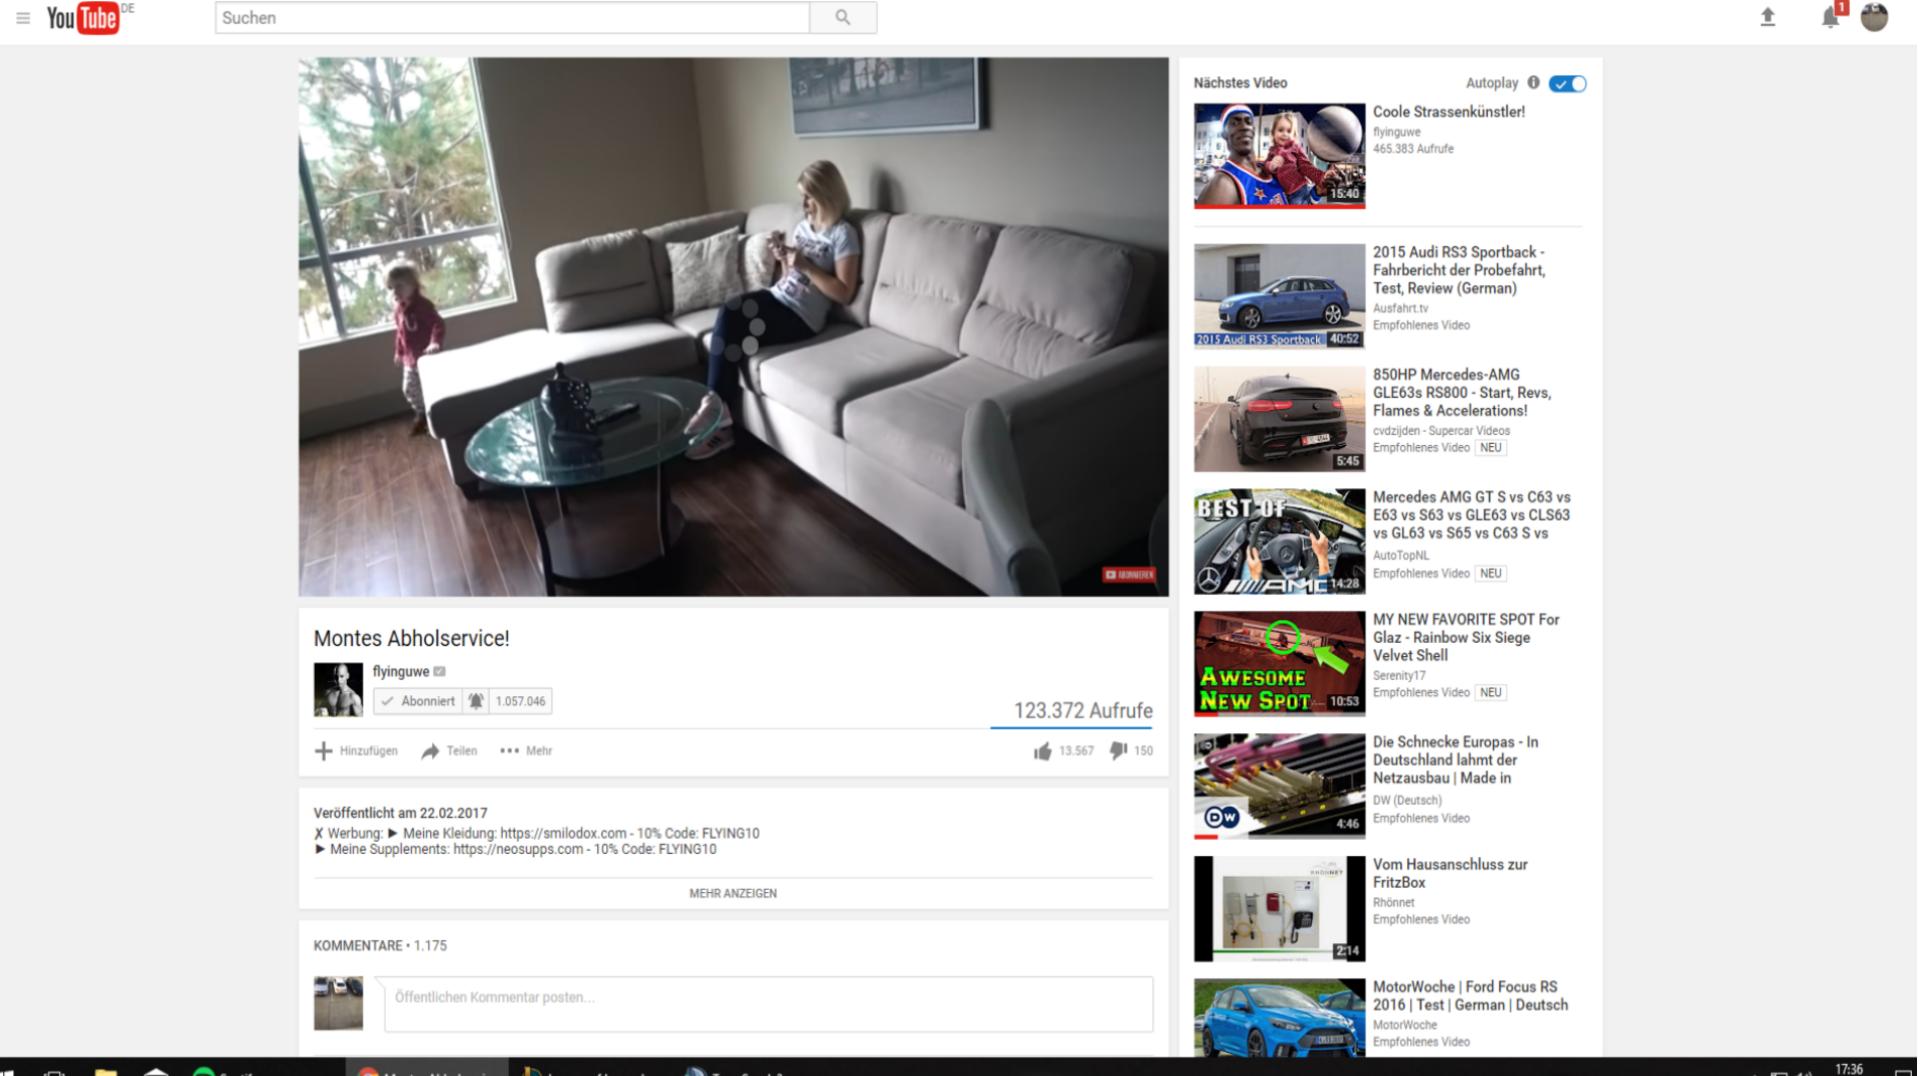 Gelöst Youtube Videos Laden nicht/Langsam   Telekom hilft Community